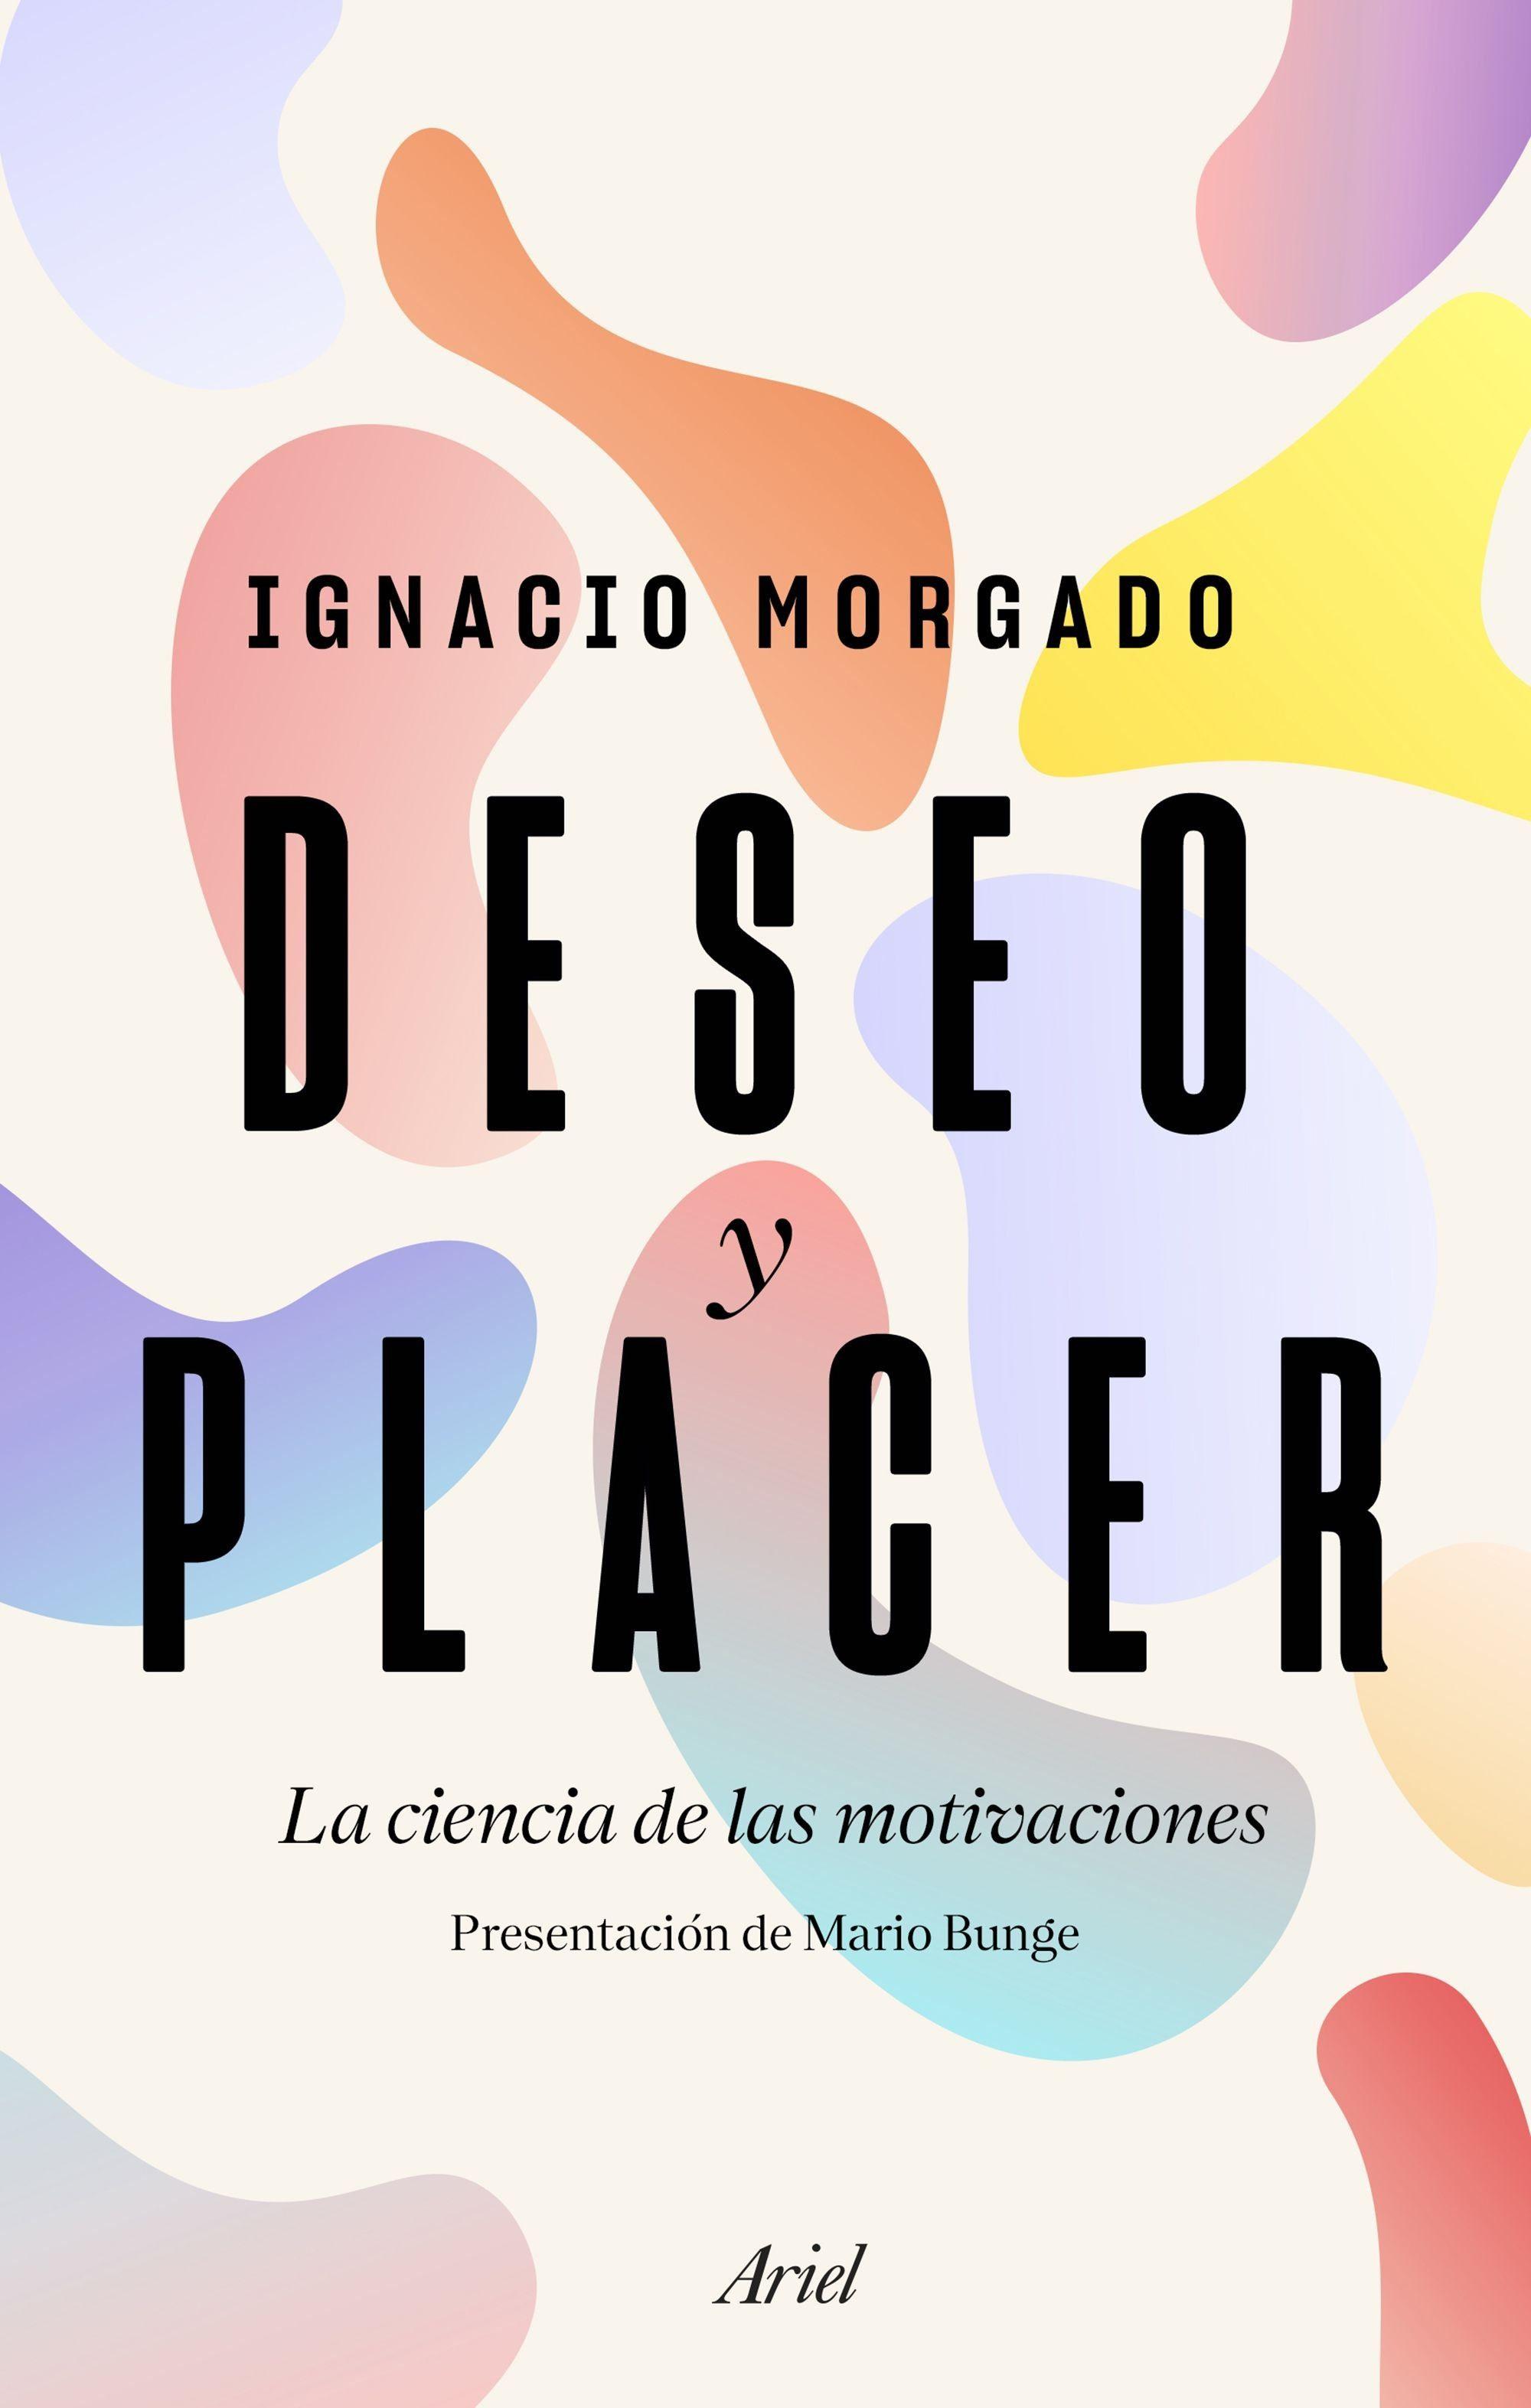 Deseo Y Placer La Ciencia De Las Motivaciones Ignacio Morgado Presentación De Mario Bunge Bienestar Libros Para Leer Libros